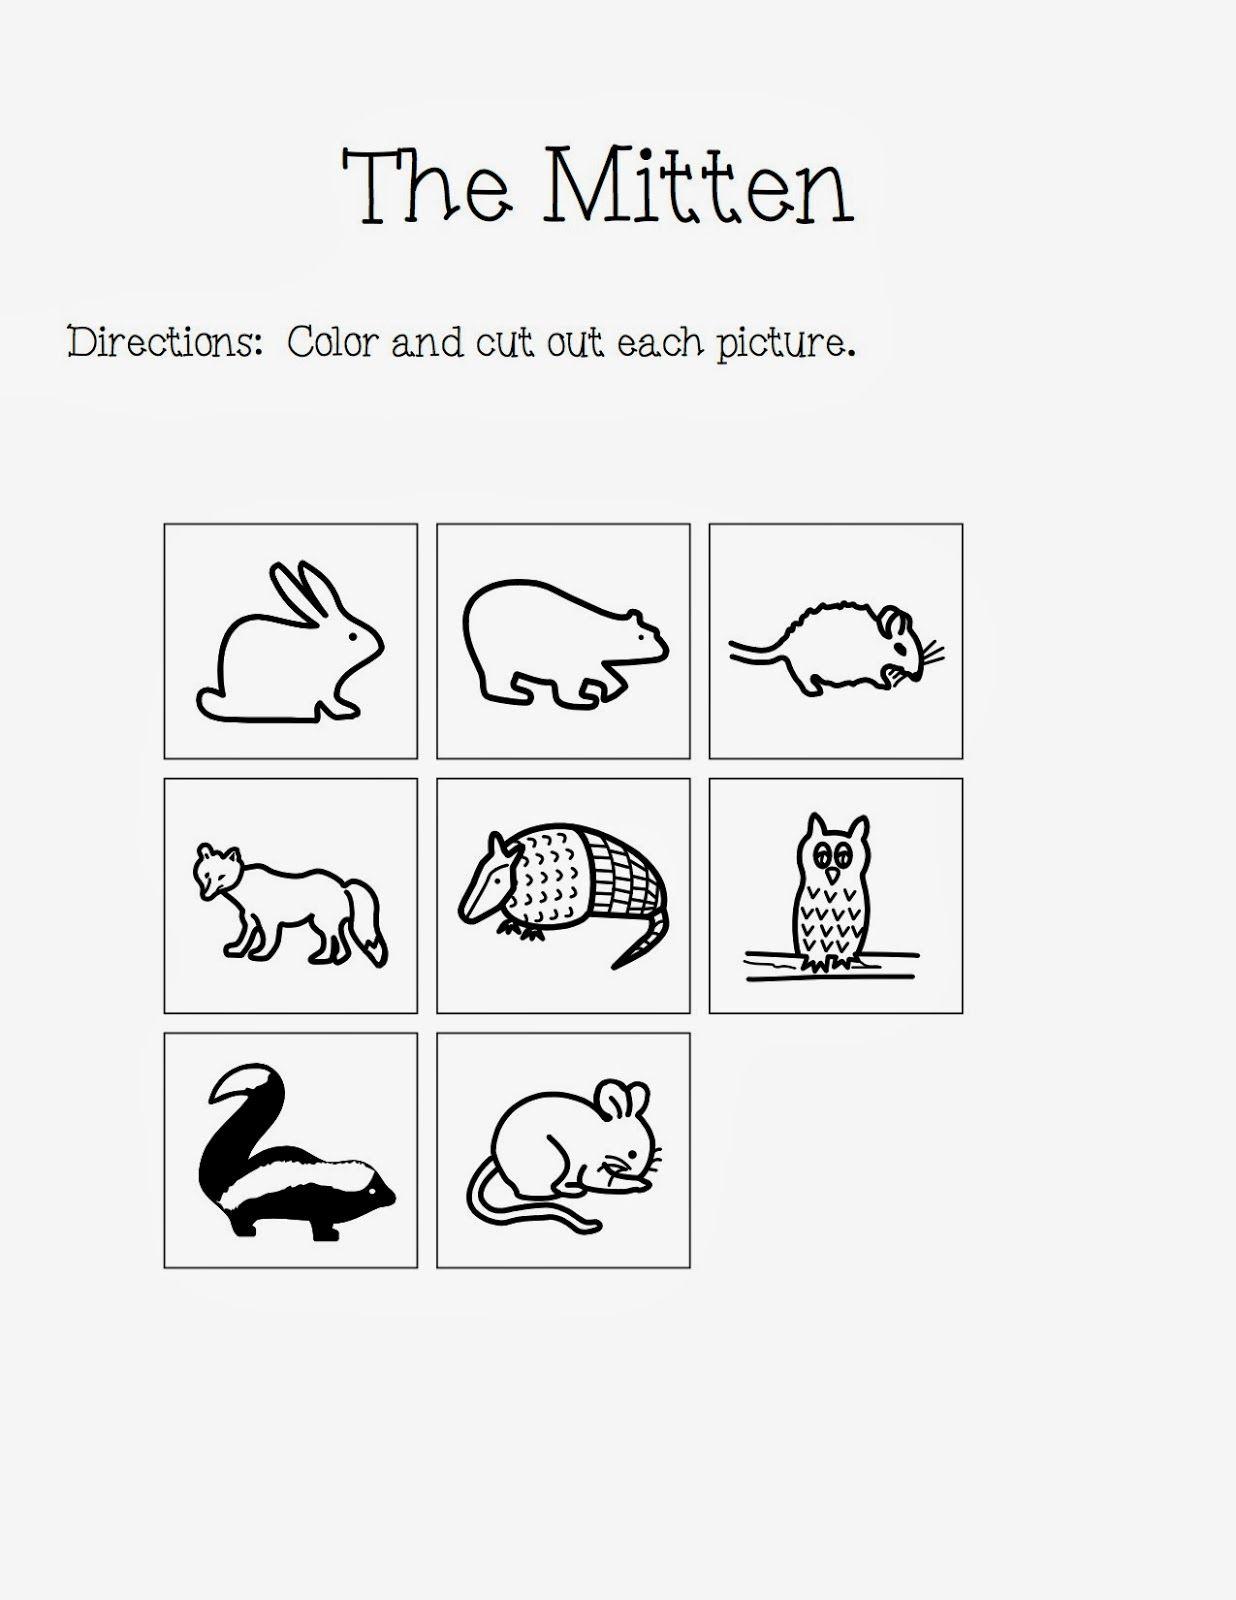 The Autism Adventures Of Room 83 The Mitten By Jan Brett Activities